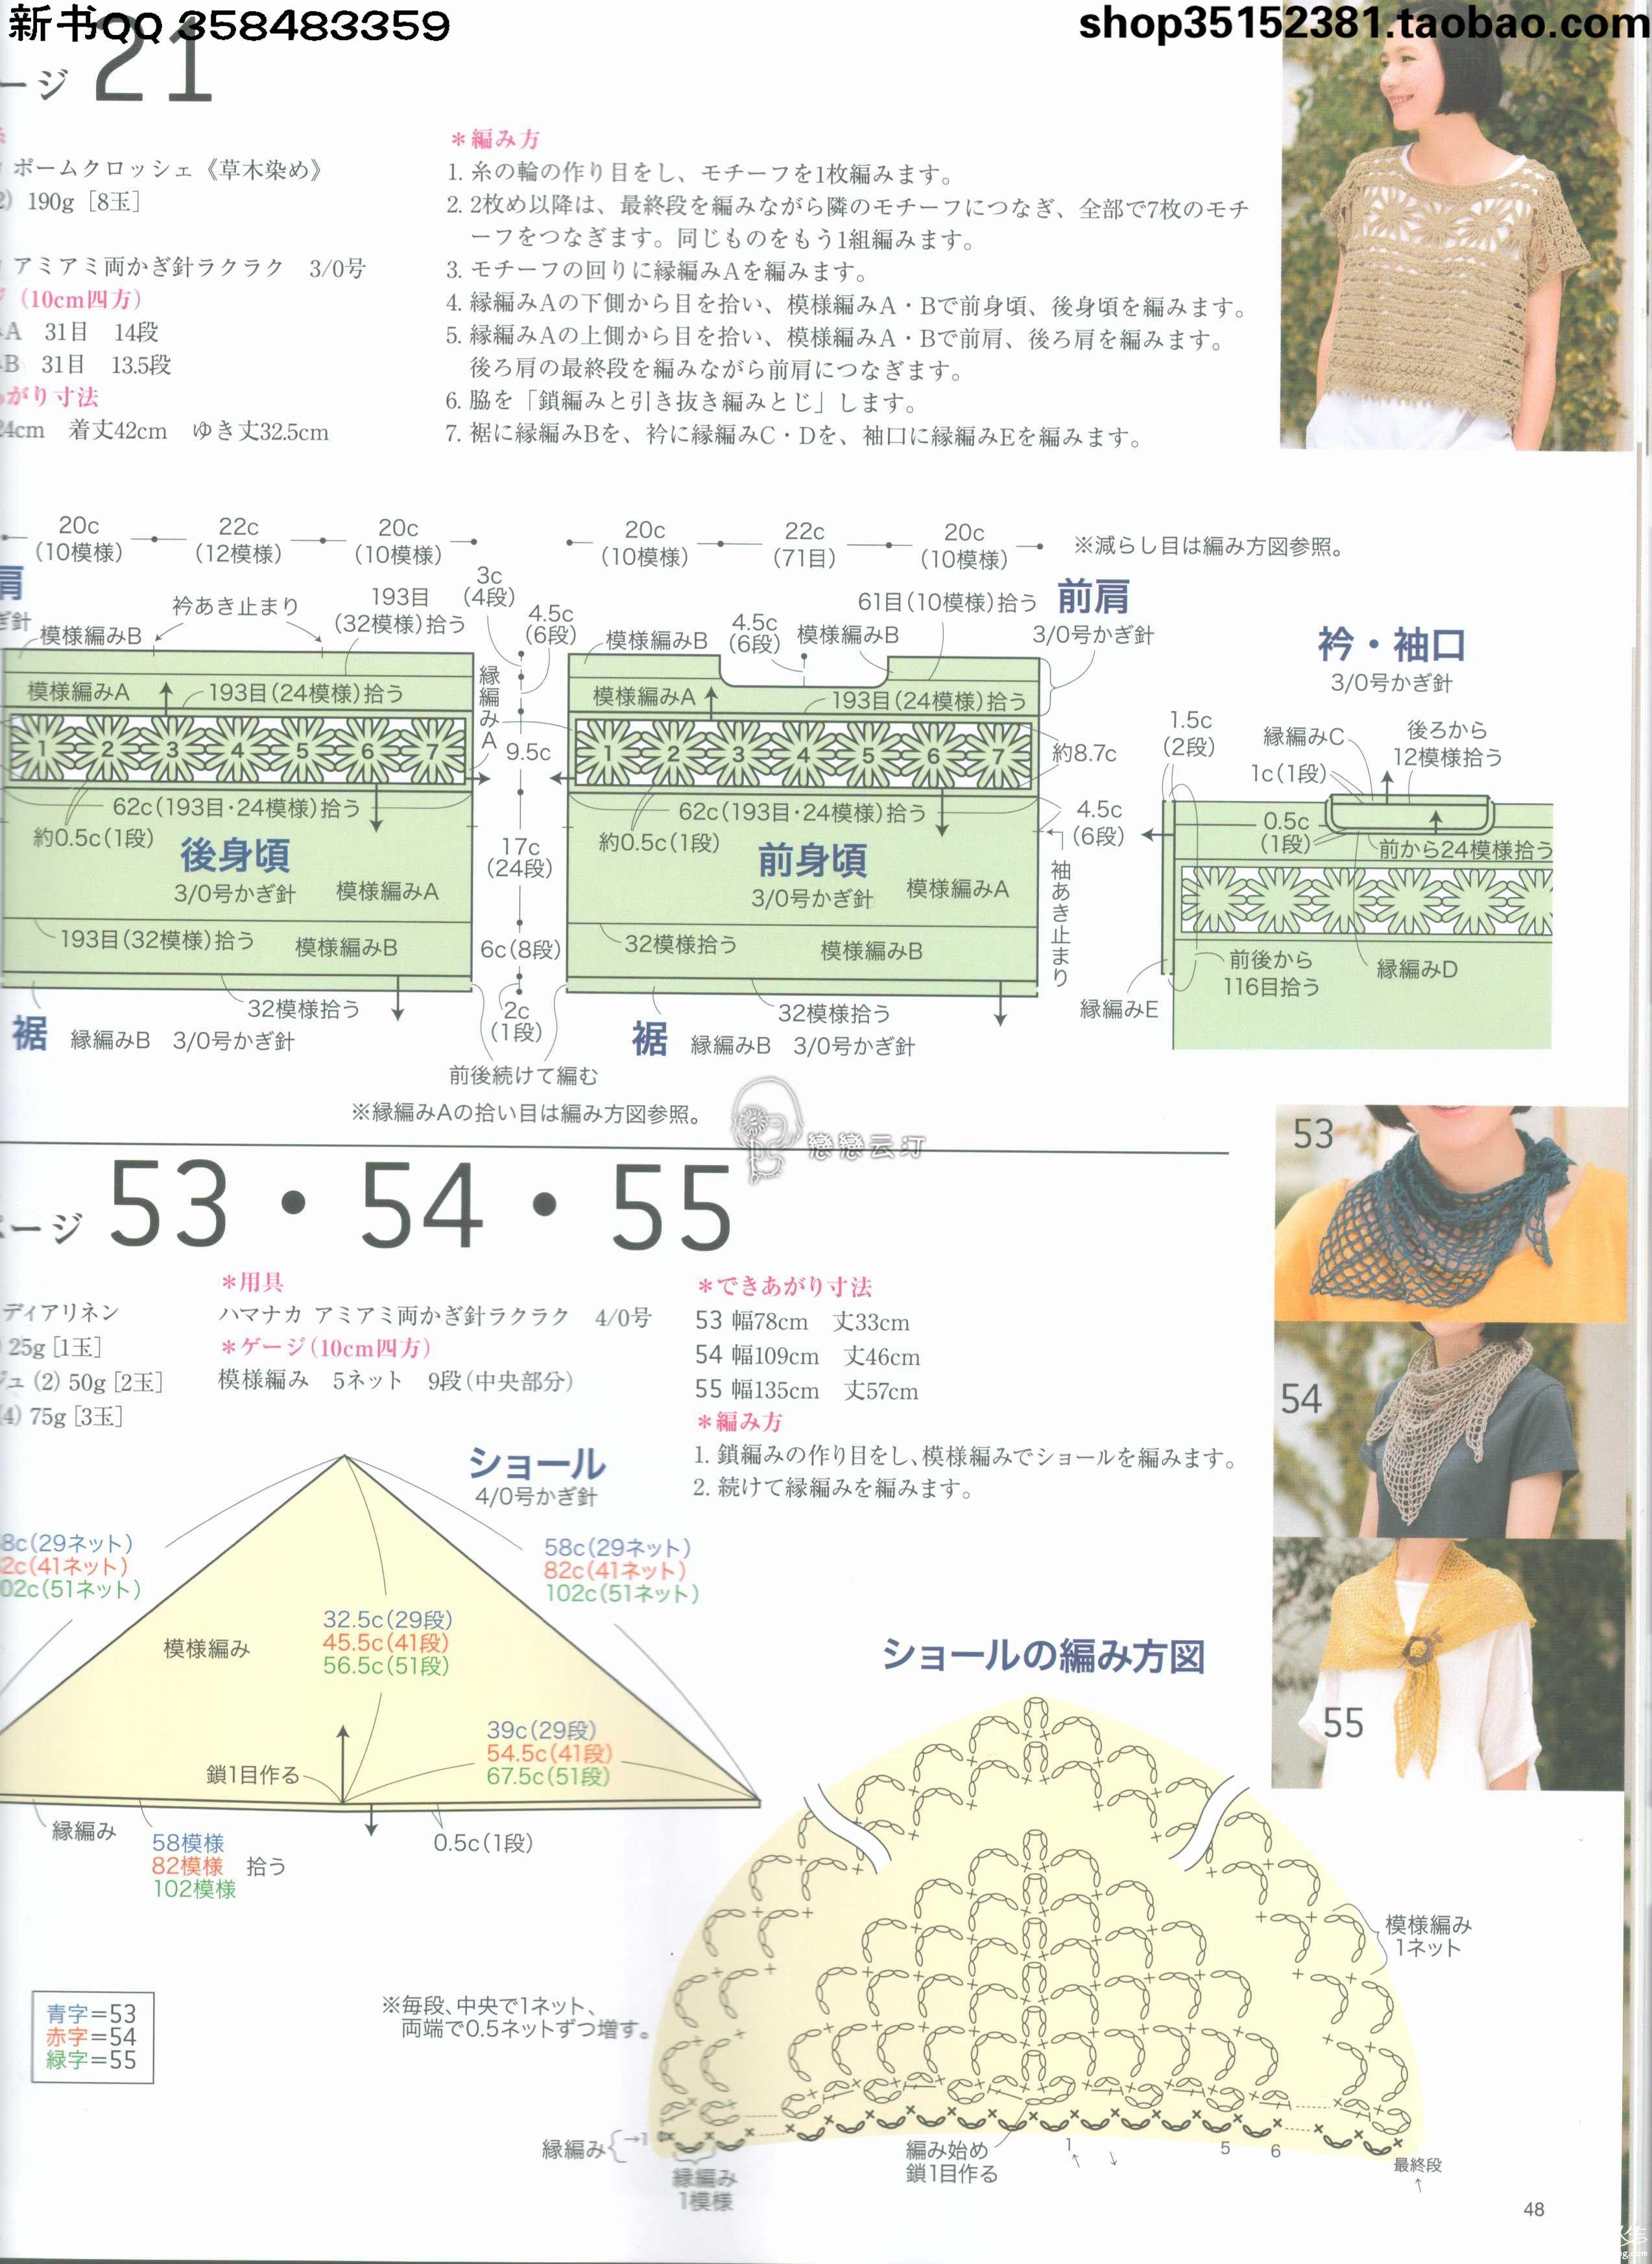 钩针蕾丝大菠萝衫  高清图解 - 赵飞燕 - 赵飞燕的博客